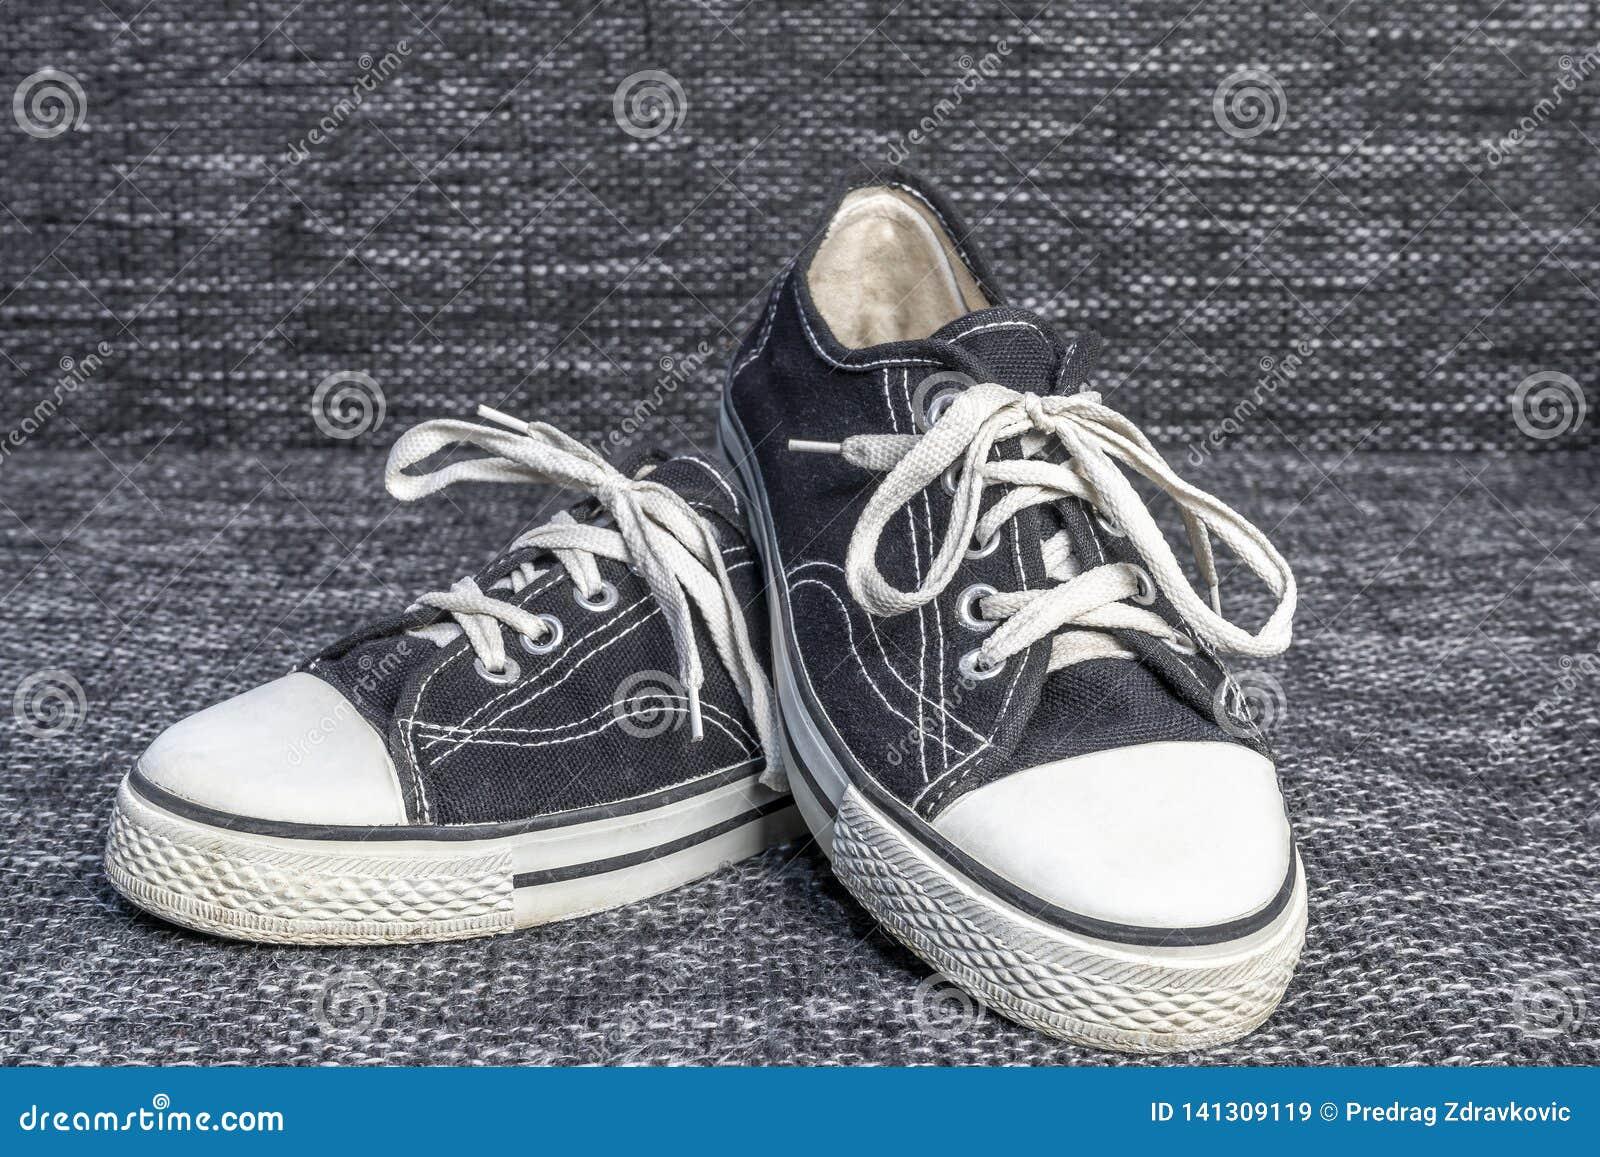 Ένα ζευγάρι των παλαιών πάνινων παπουτσιών σε ένα υπόβαθρο καμβά